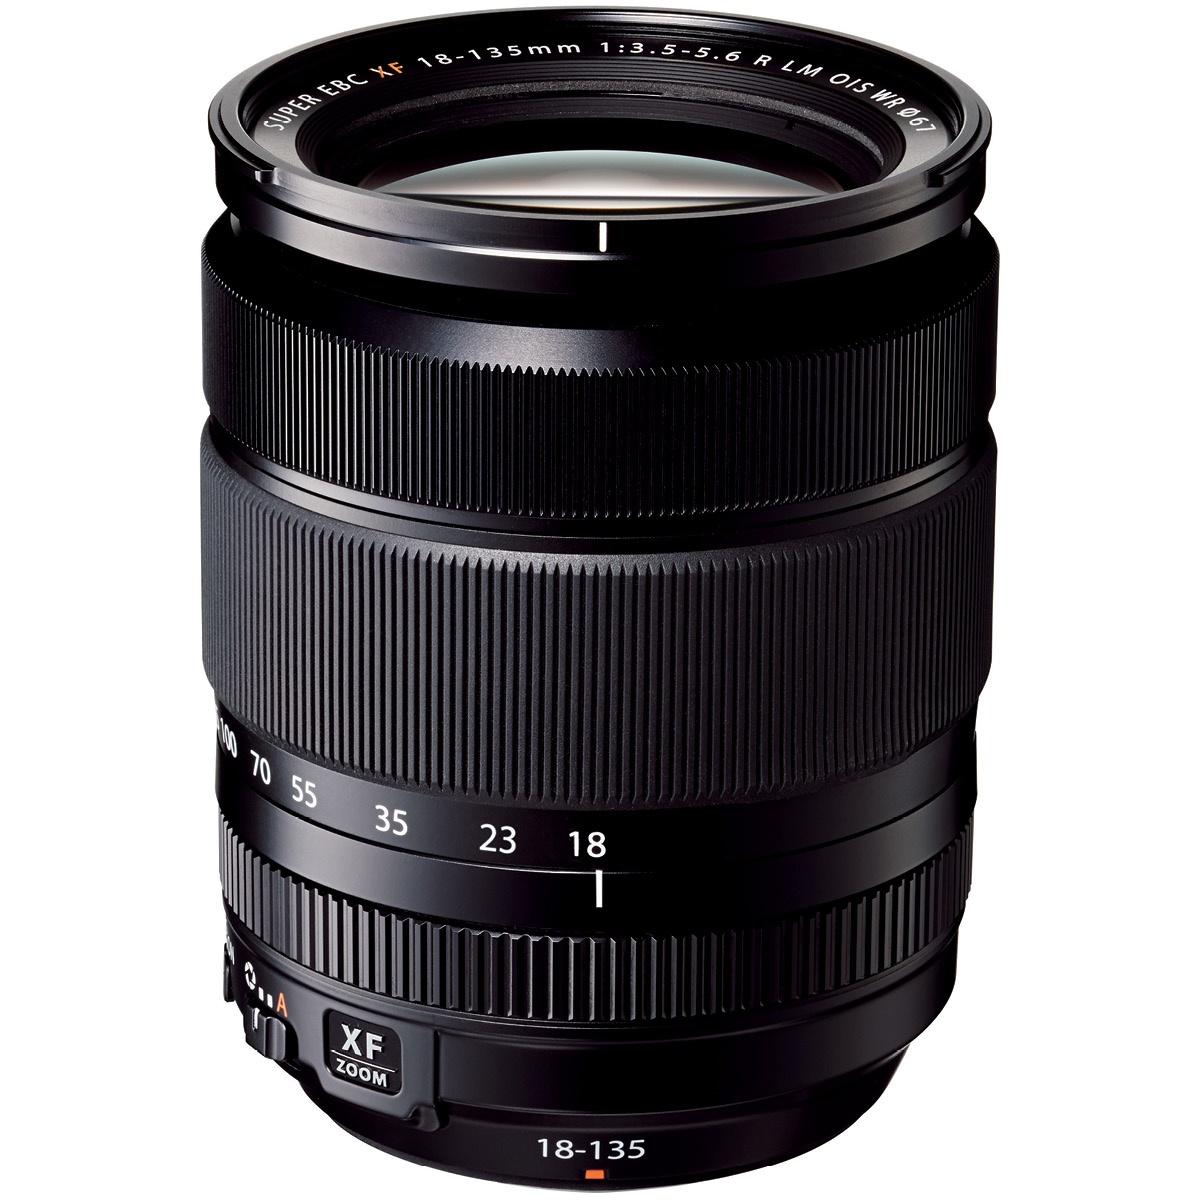 Fujifilm XF 18-135 mm 1:3,5-5,6 R LM OIS WR